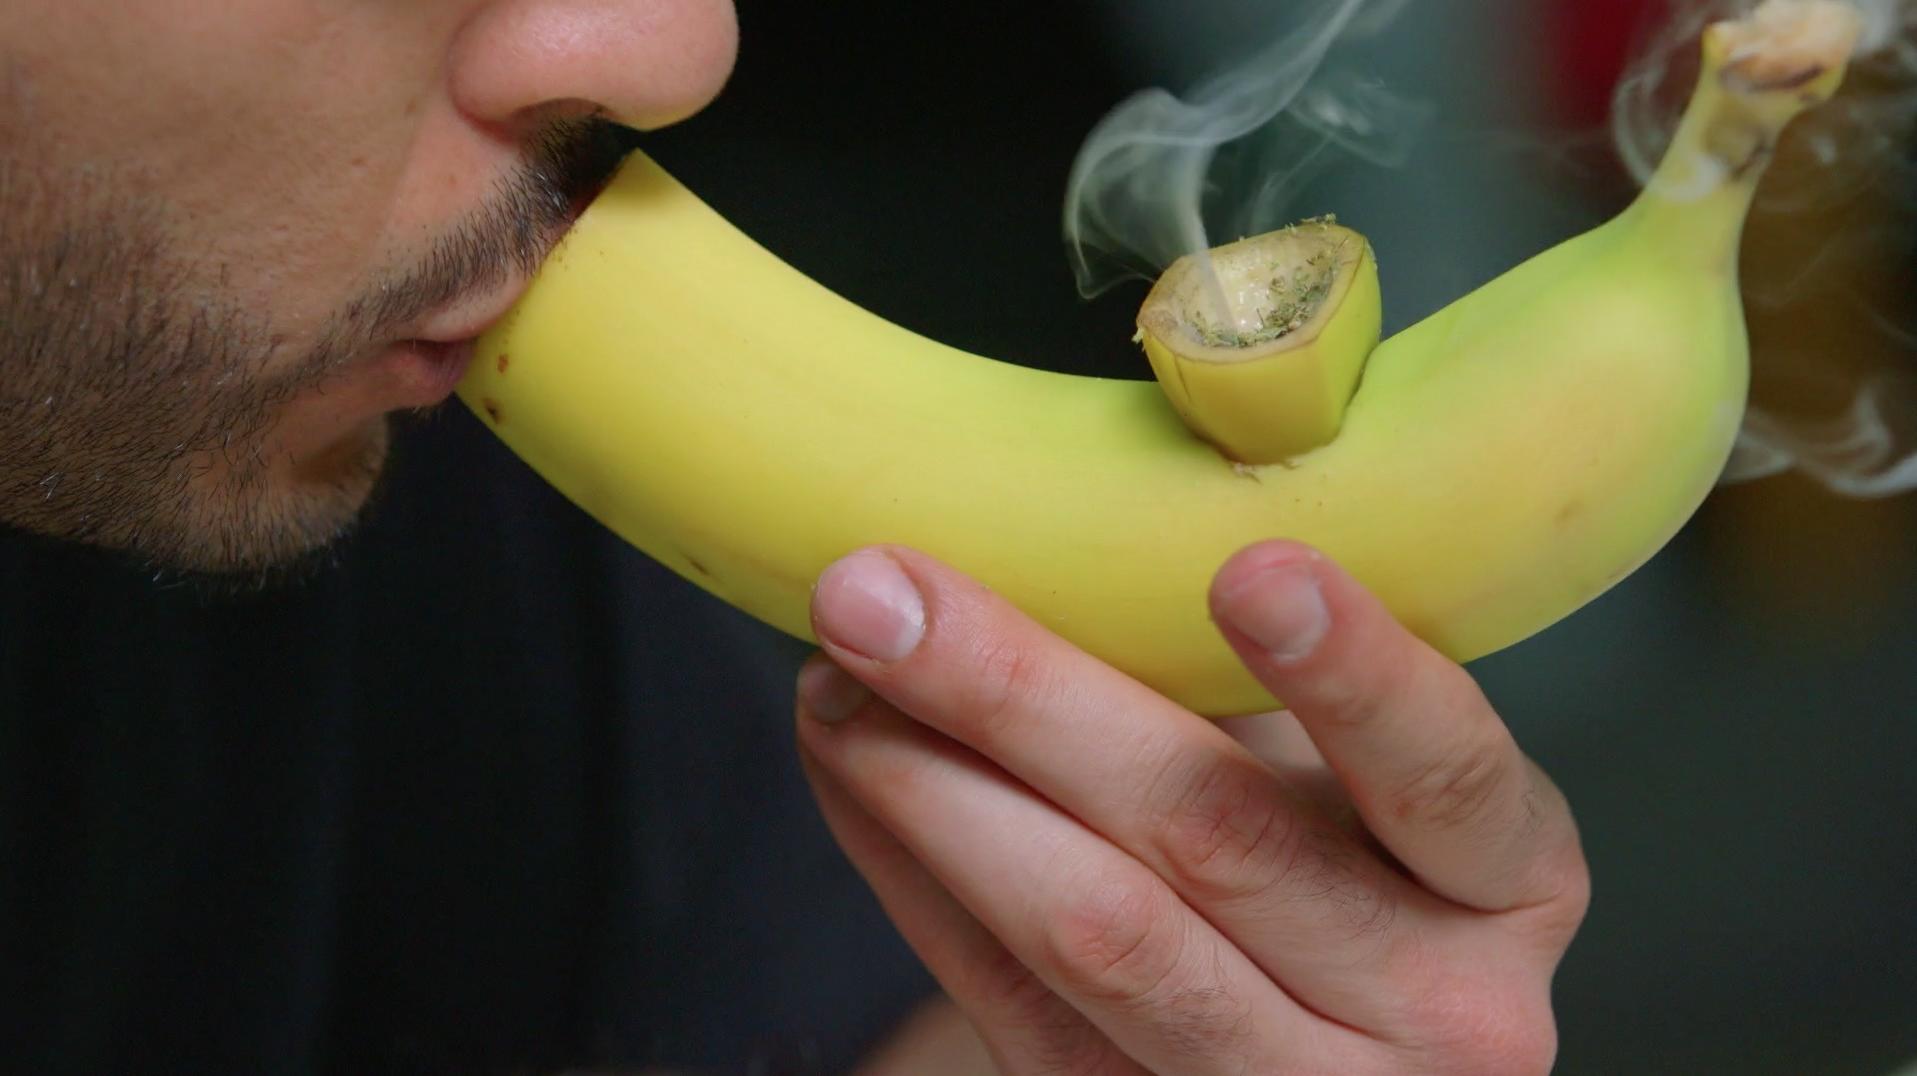 UM BONGO BOWL A FUMAR BAIXAR SMOKE